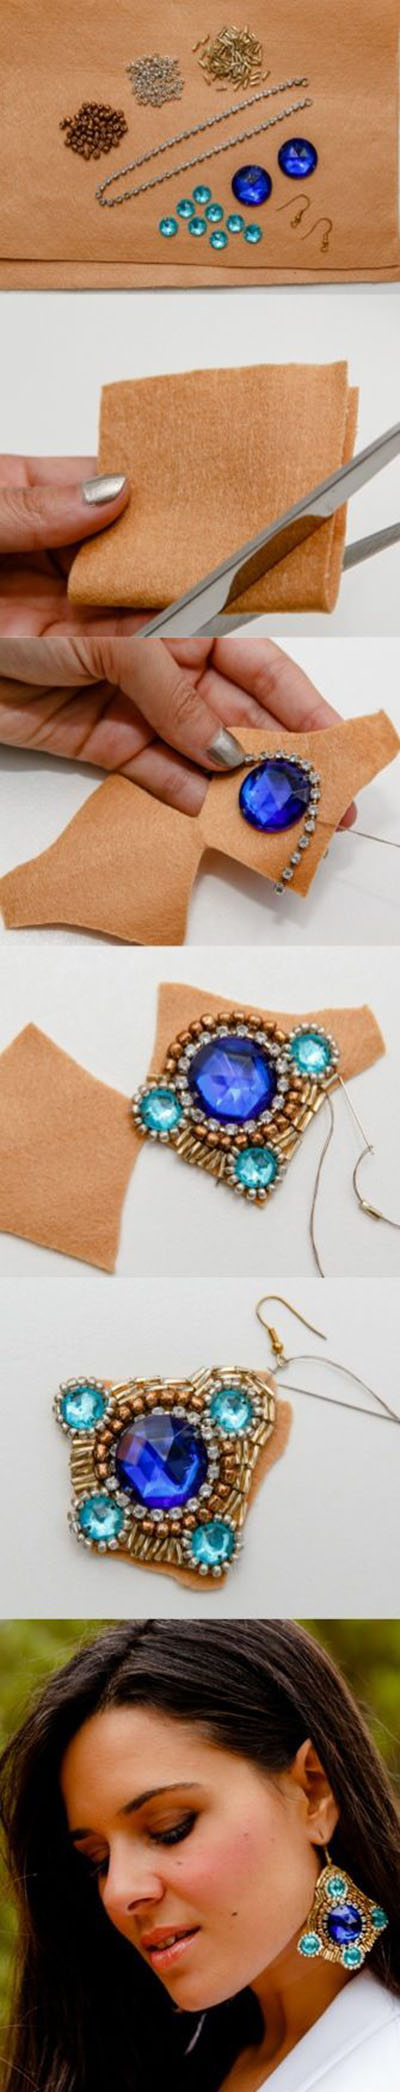 4 DIY Embellished Earrings702